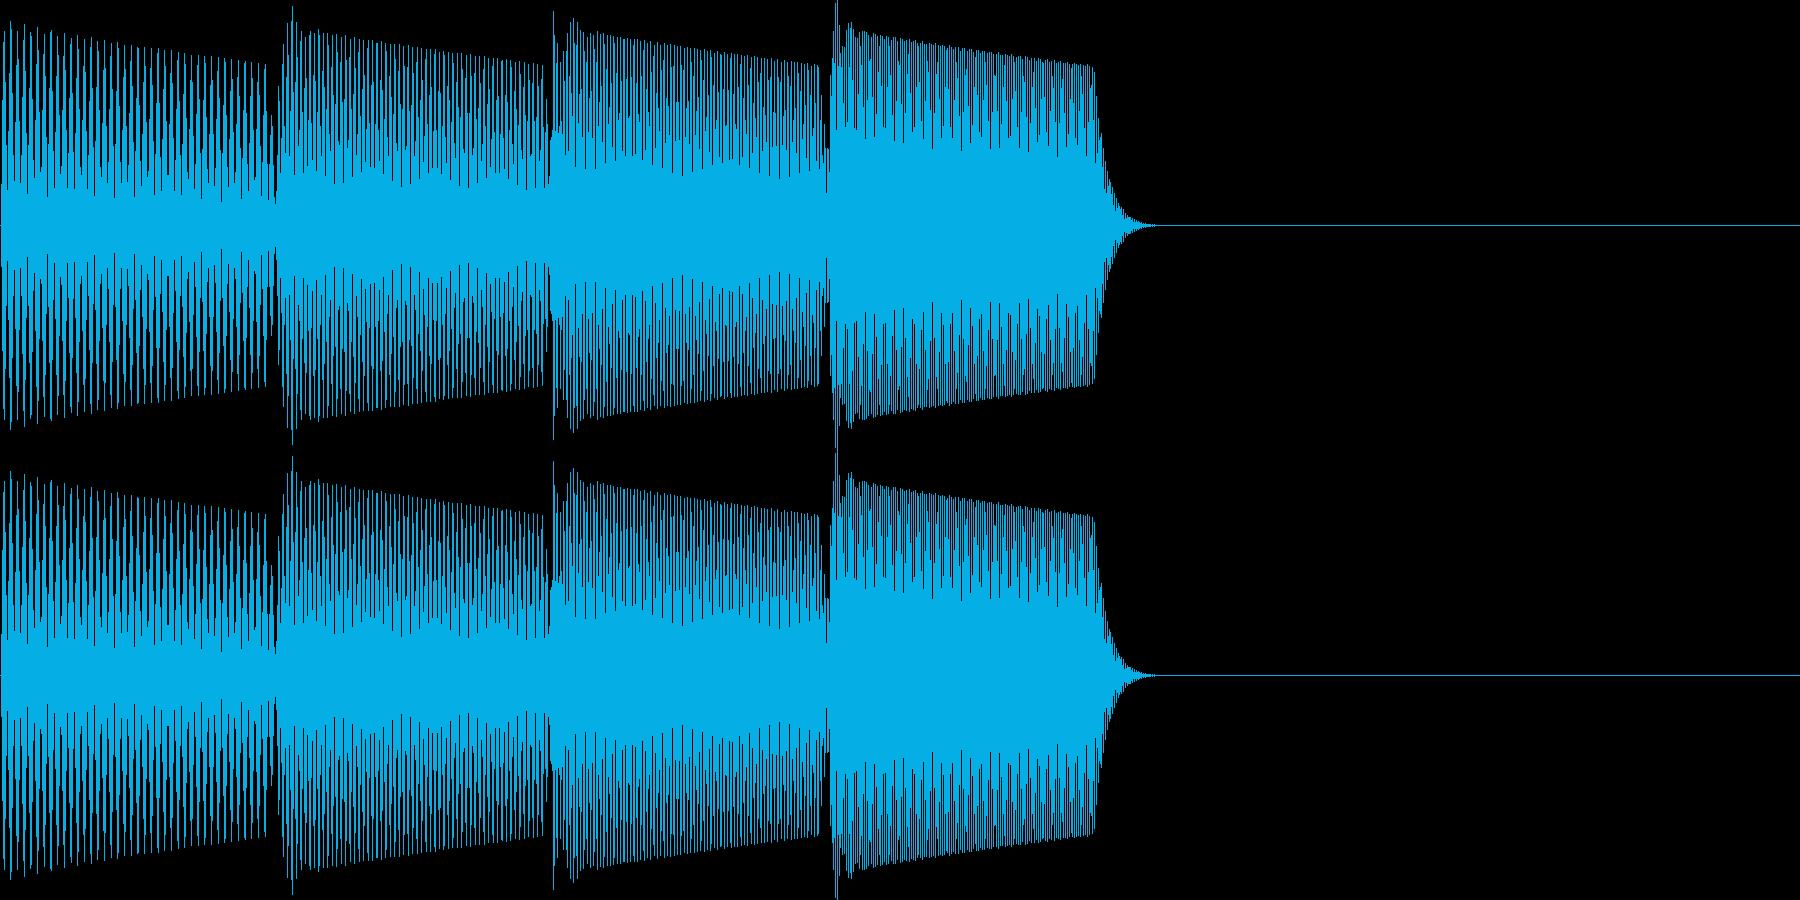 ピロリラ(決定、スタート、アイテム)の再生済みの波形